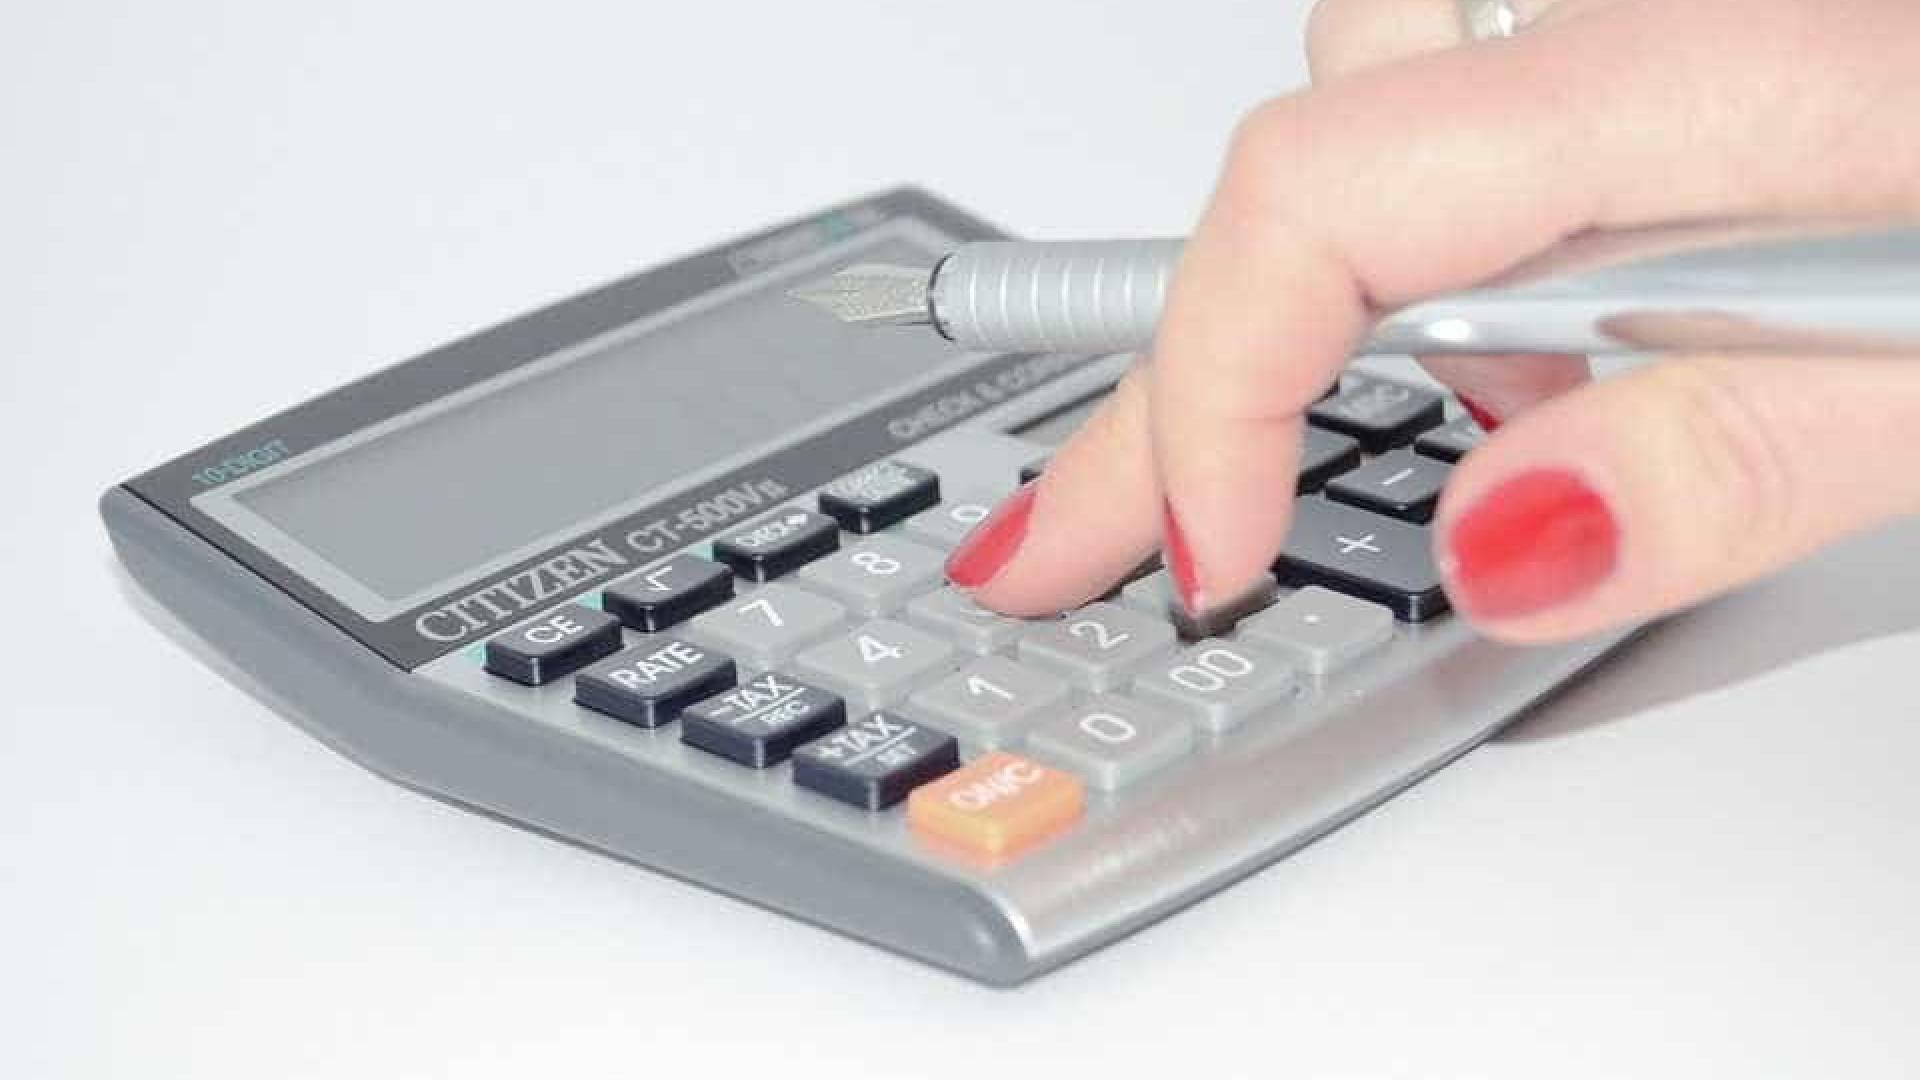 Serasa capta inadimplência recorde em abril; 61,2 millhões têm dívidas